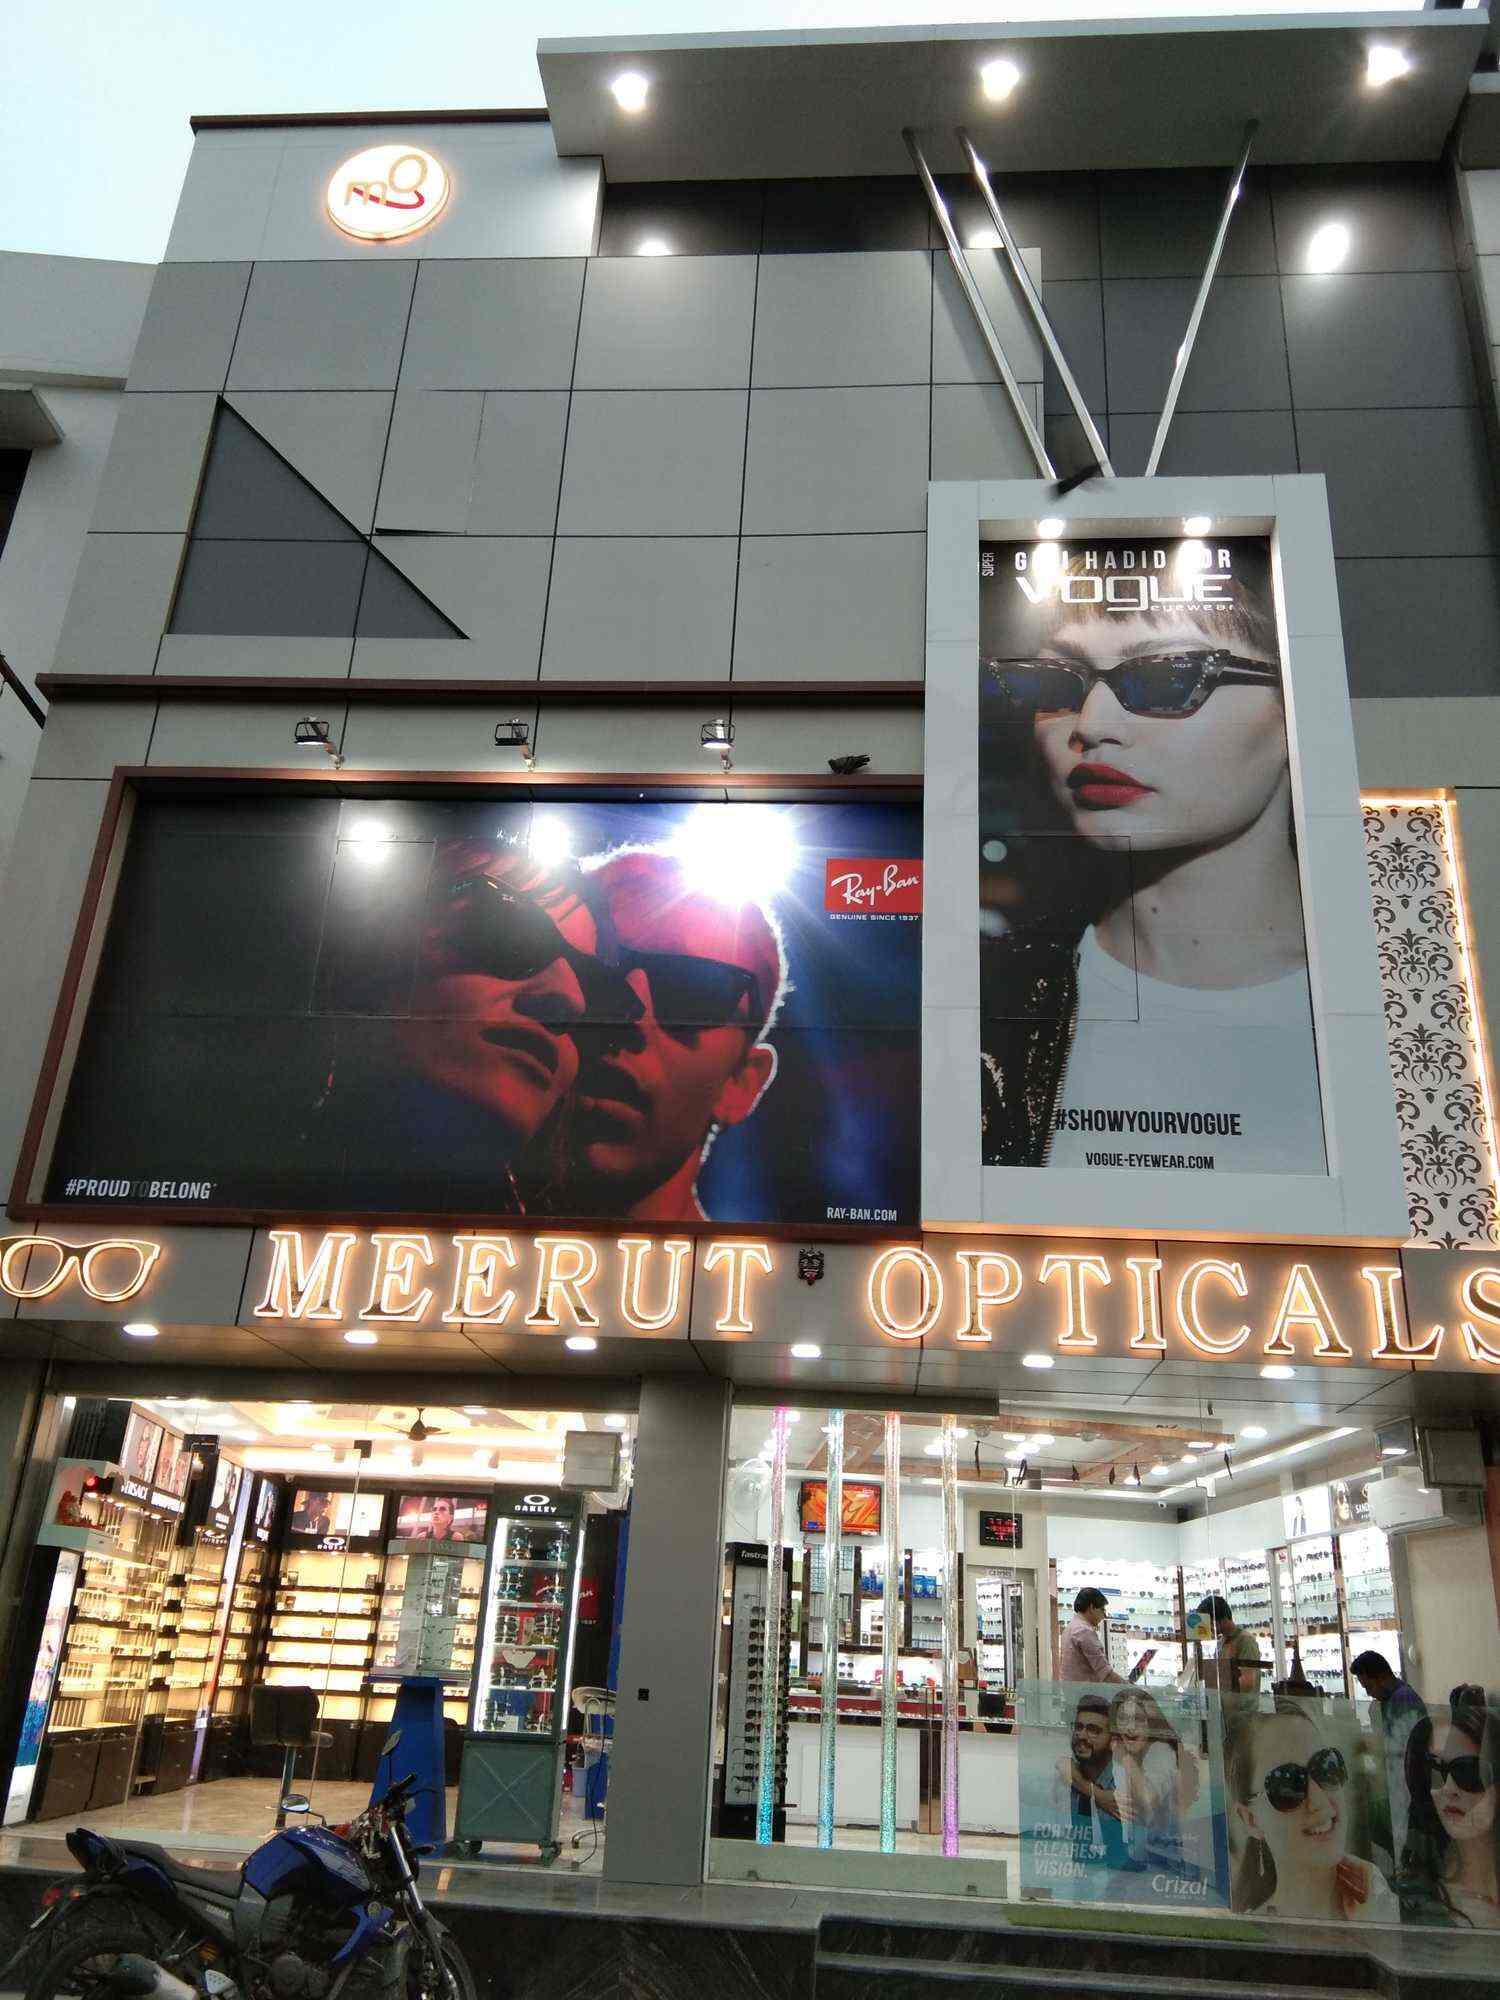 Meerut opticals